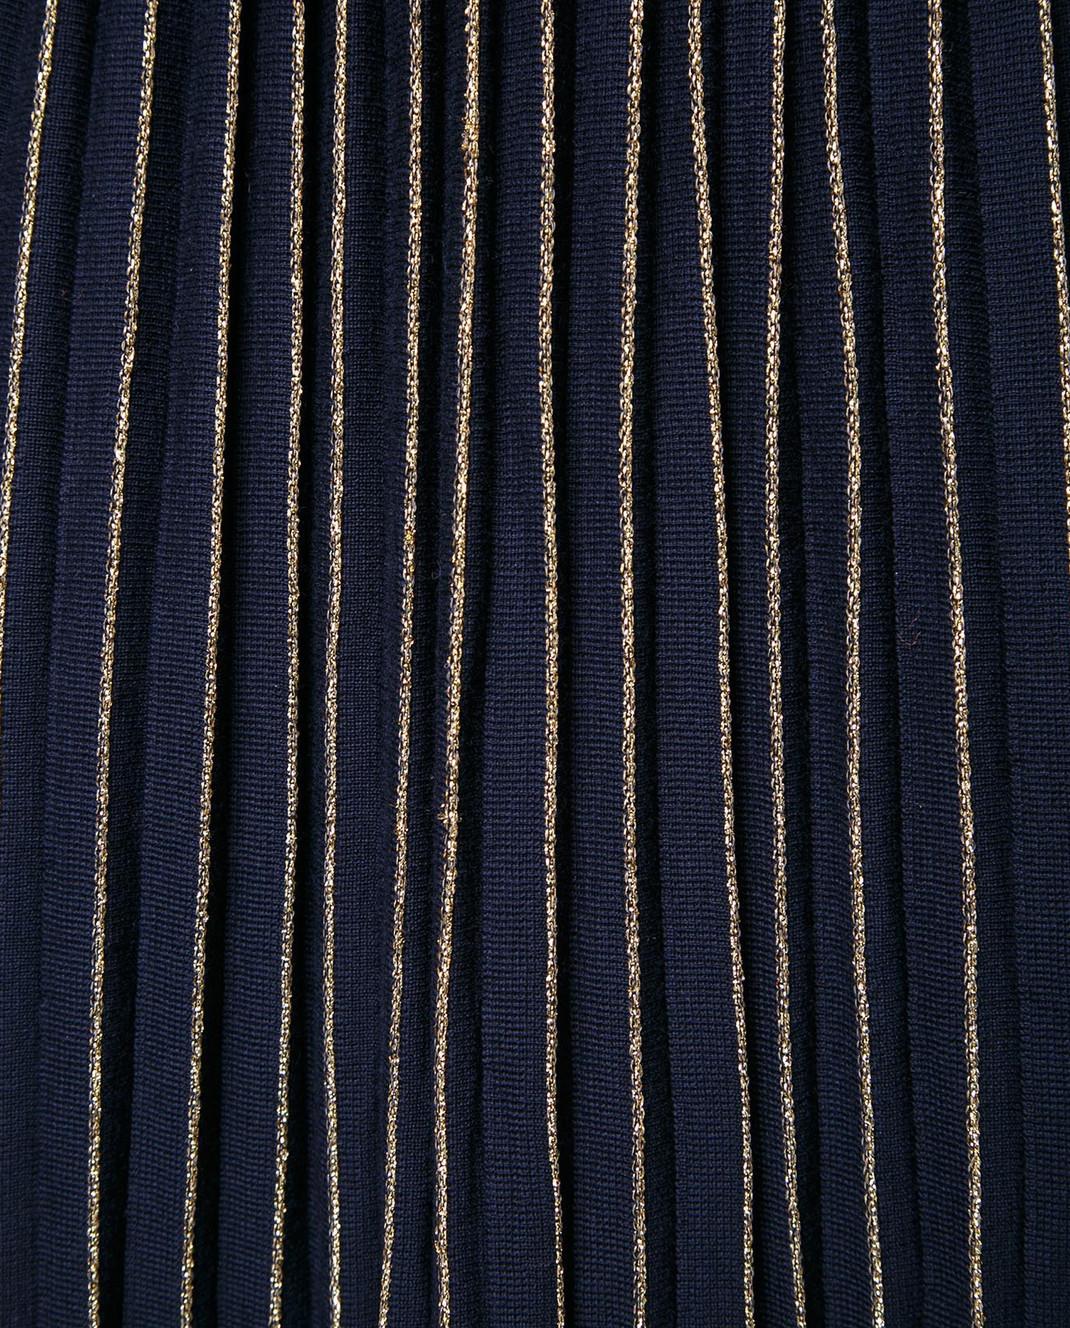 Gucci Синяя юбка-плиссе 490353 изображение 3